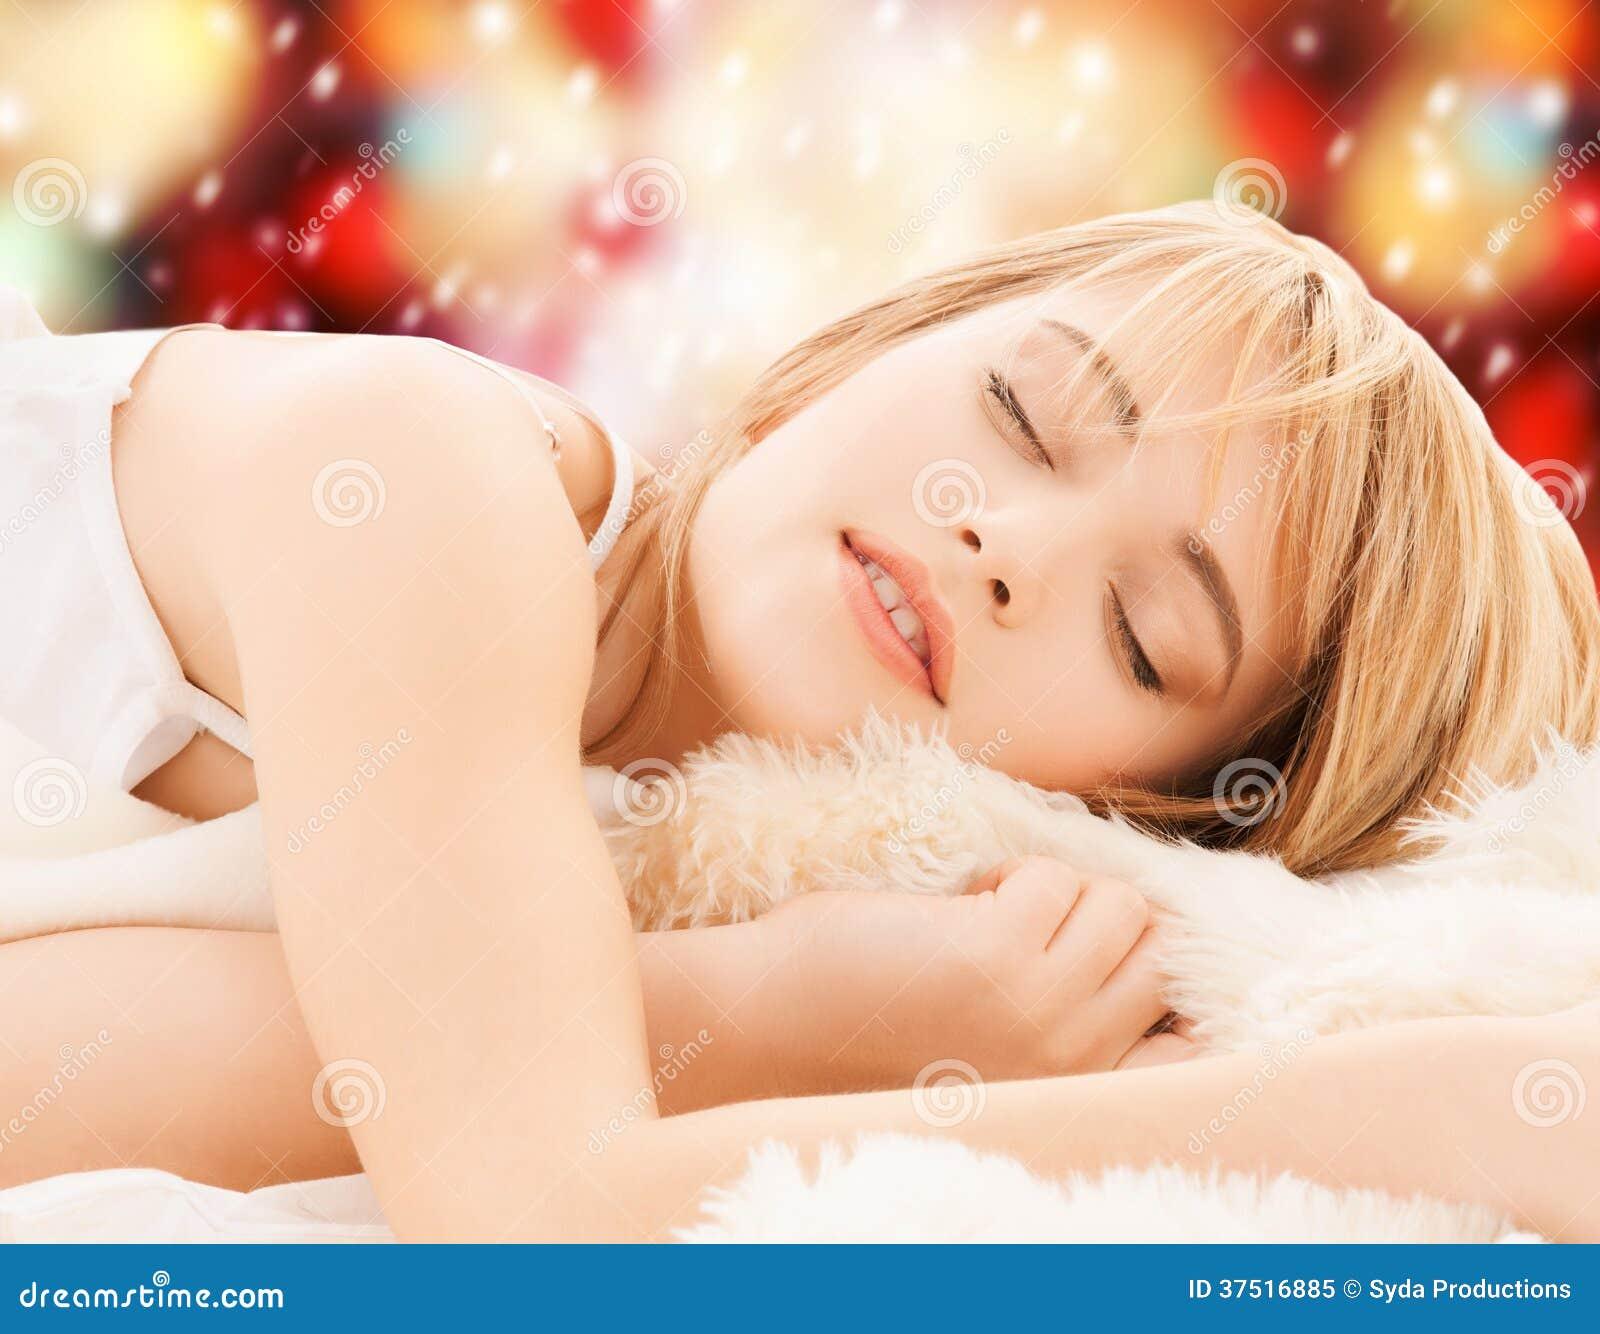 Sleeping Teen Home 60